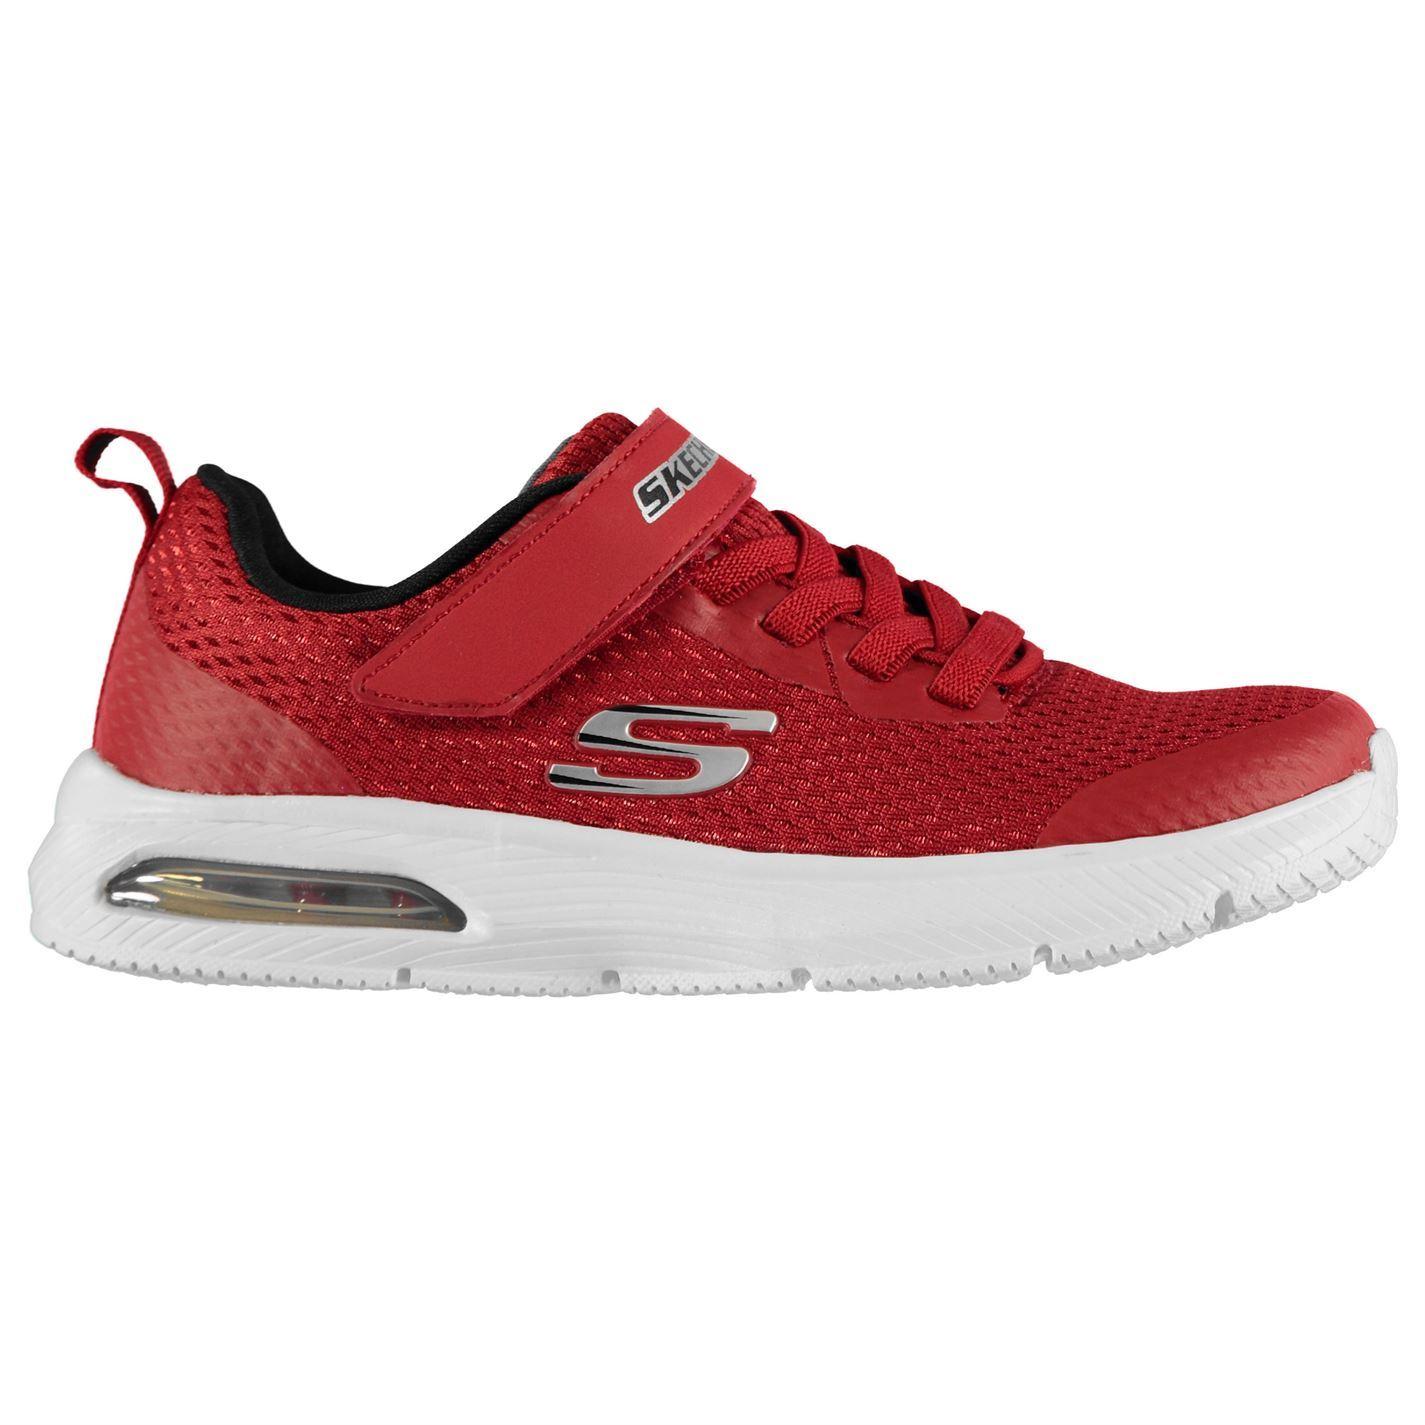 vente chaude en ligne df019 f6ed5 Détails sur Skechers Dynaair Basket Enfant Garçons Chaussures Course  Athleisure